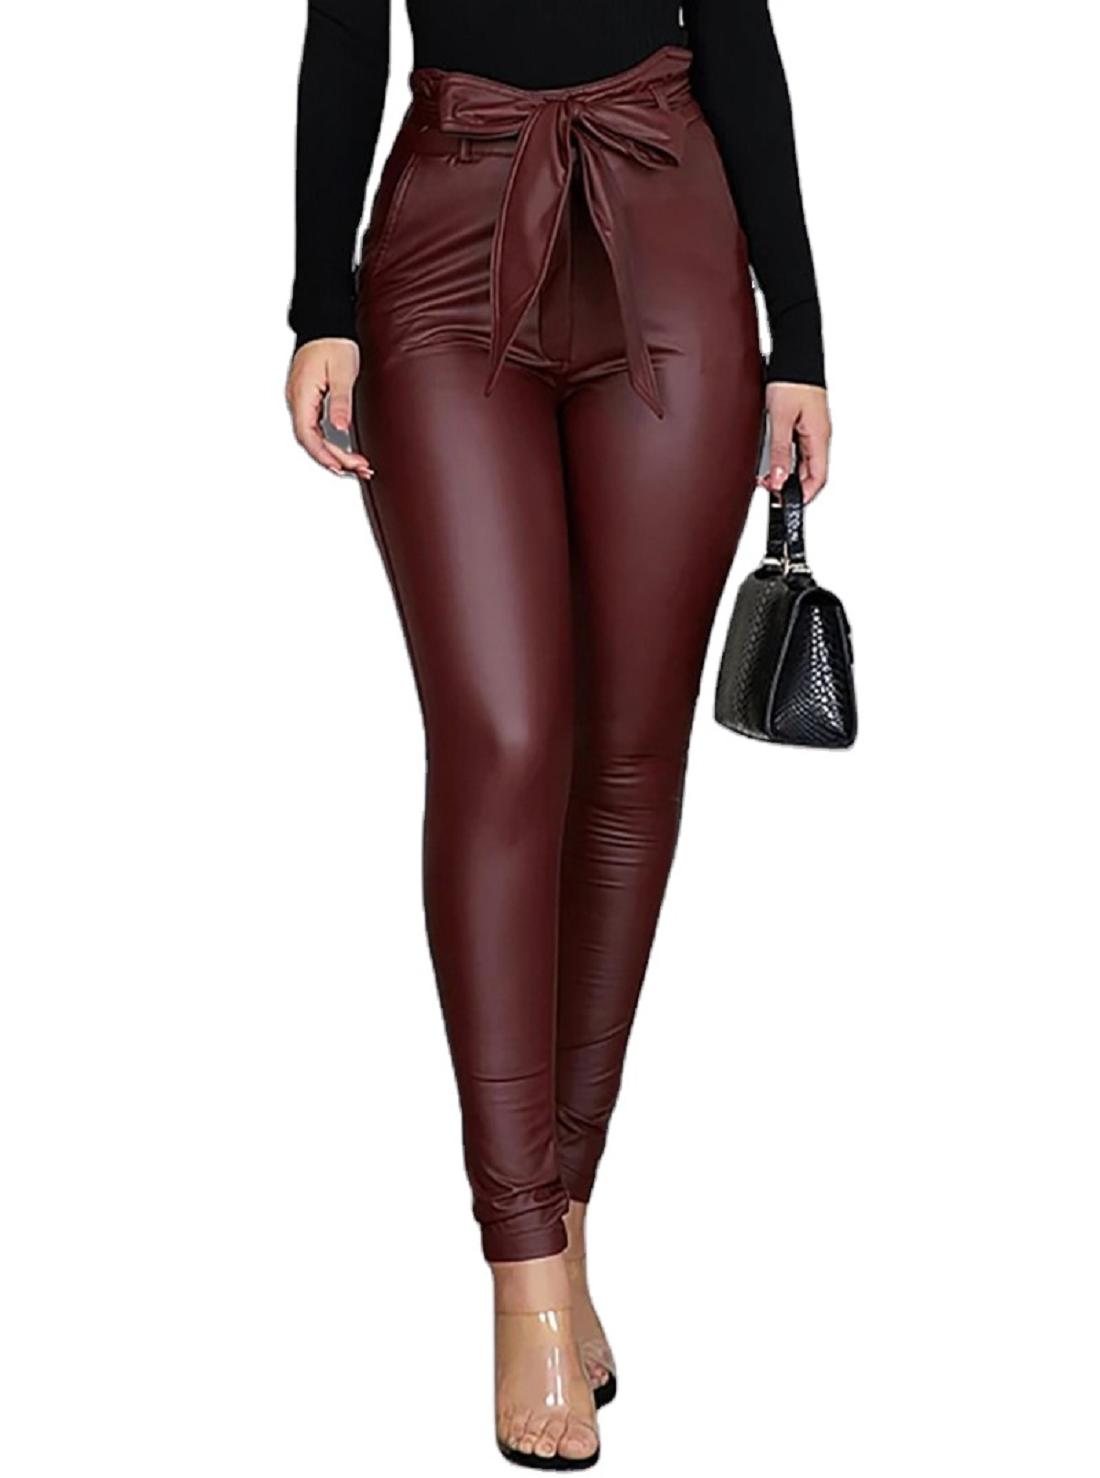 3 Wholesale Faux Leather Pencil Pants